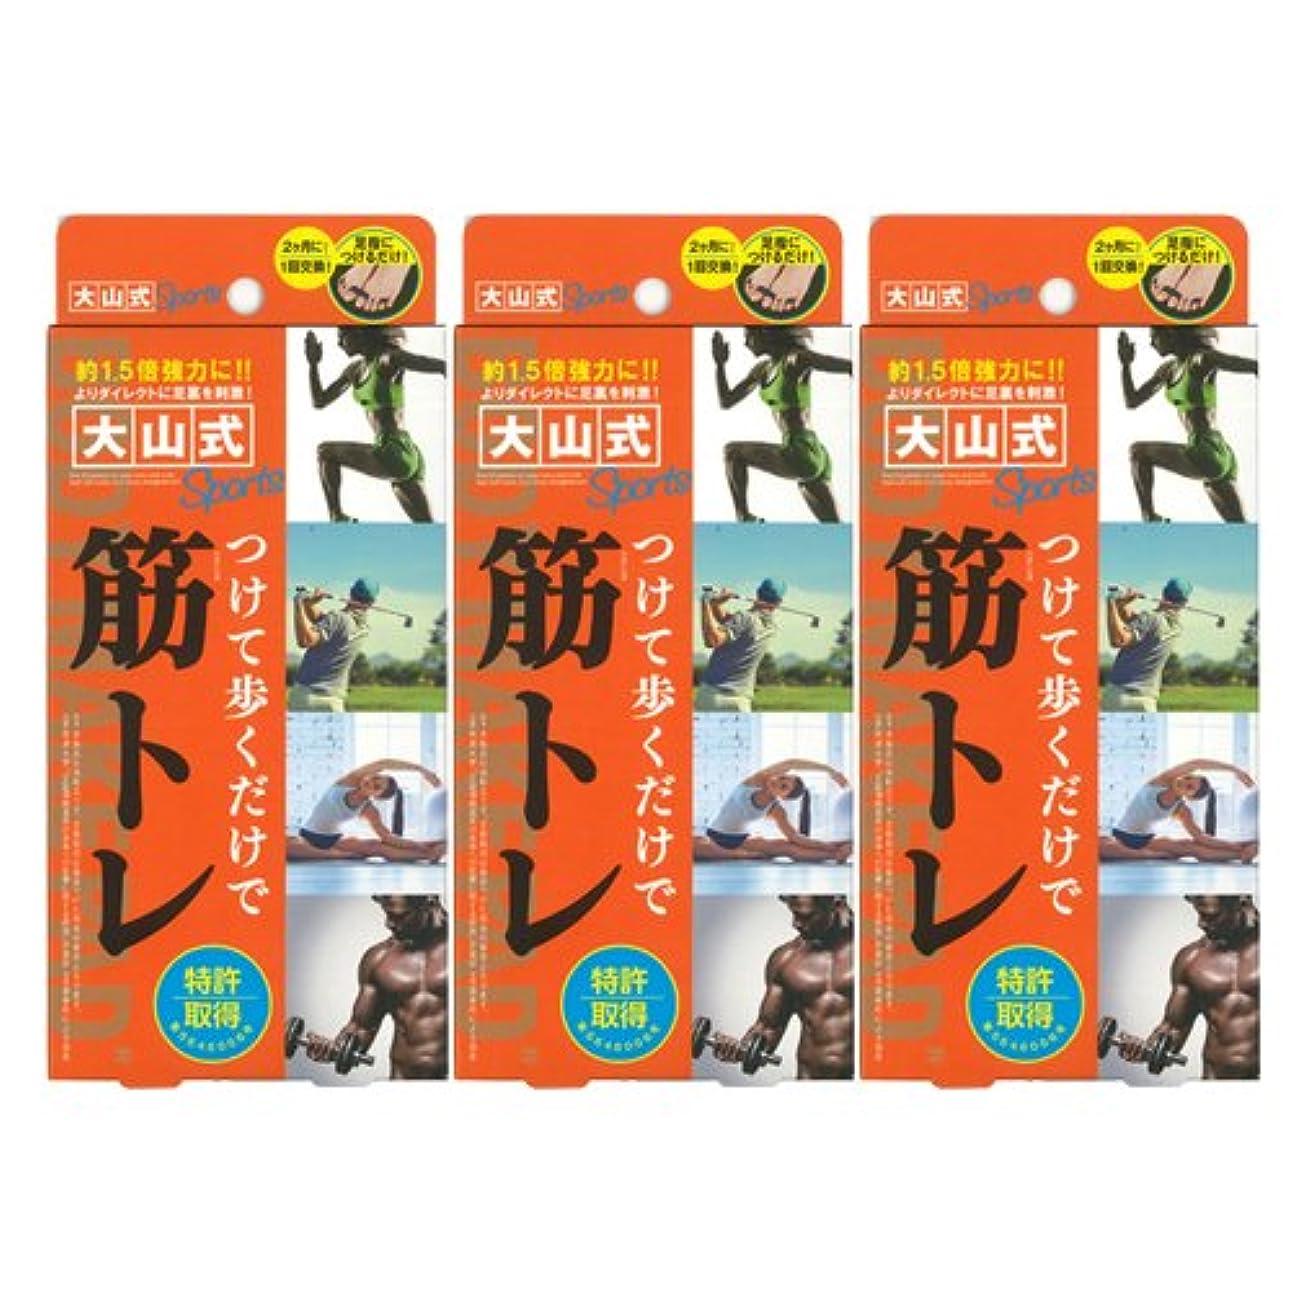 ホイスト野心的犬大山式ボディメイクパッド スポーツ ×3箱セット